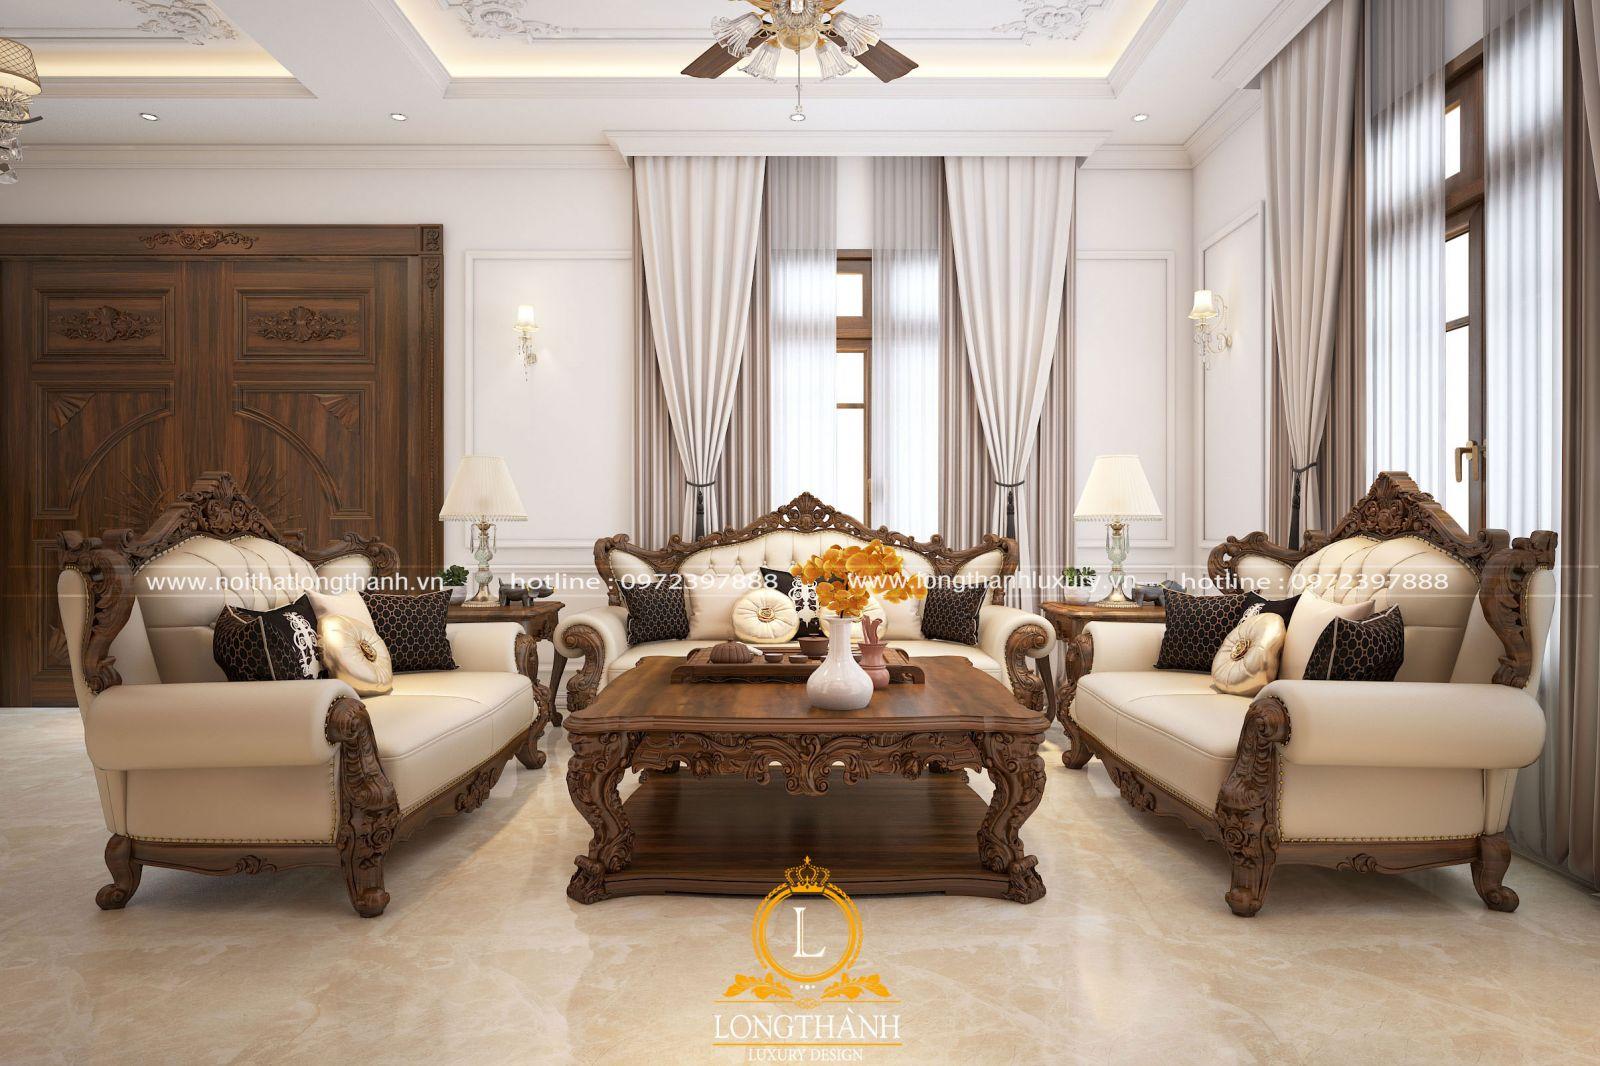 Phòng khách nhà biệt thự phong cách tân cổ điển kết hợp hiện đại